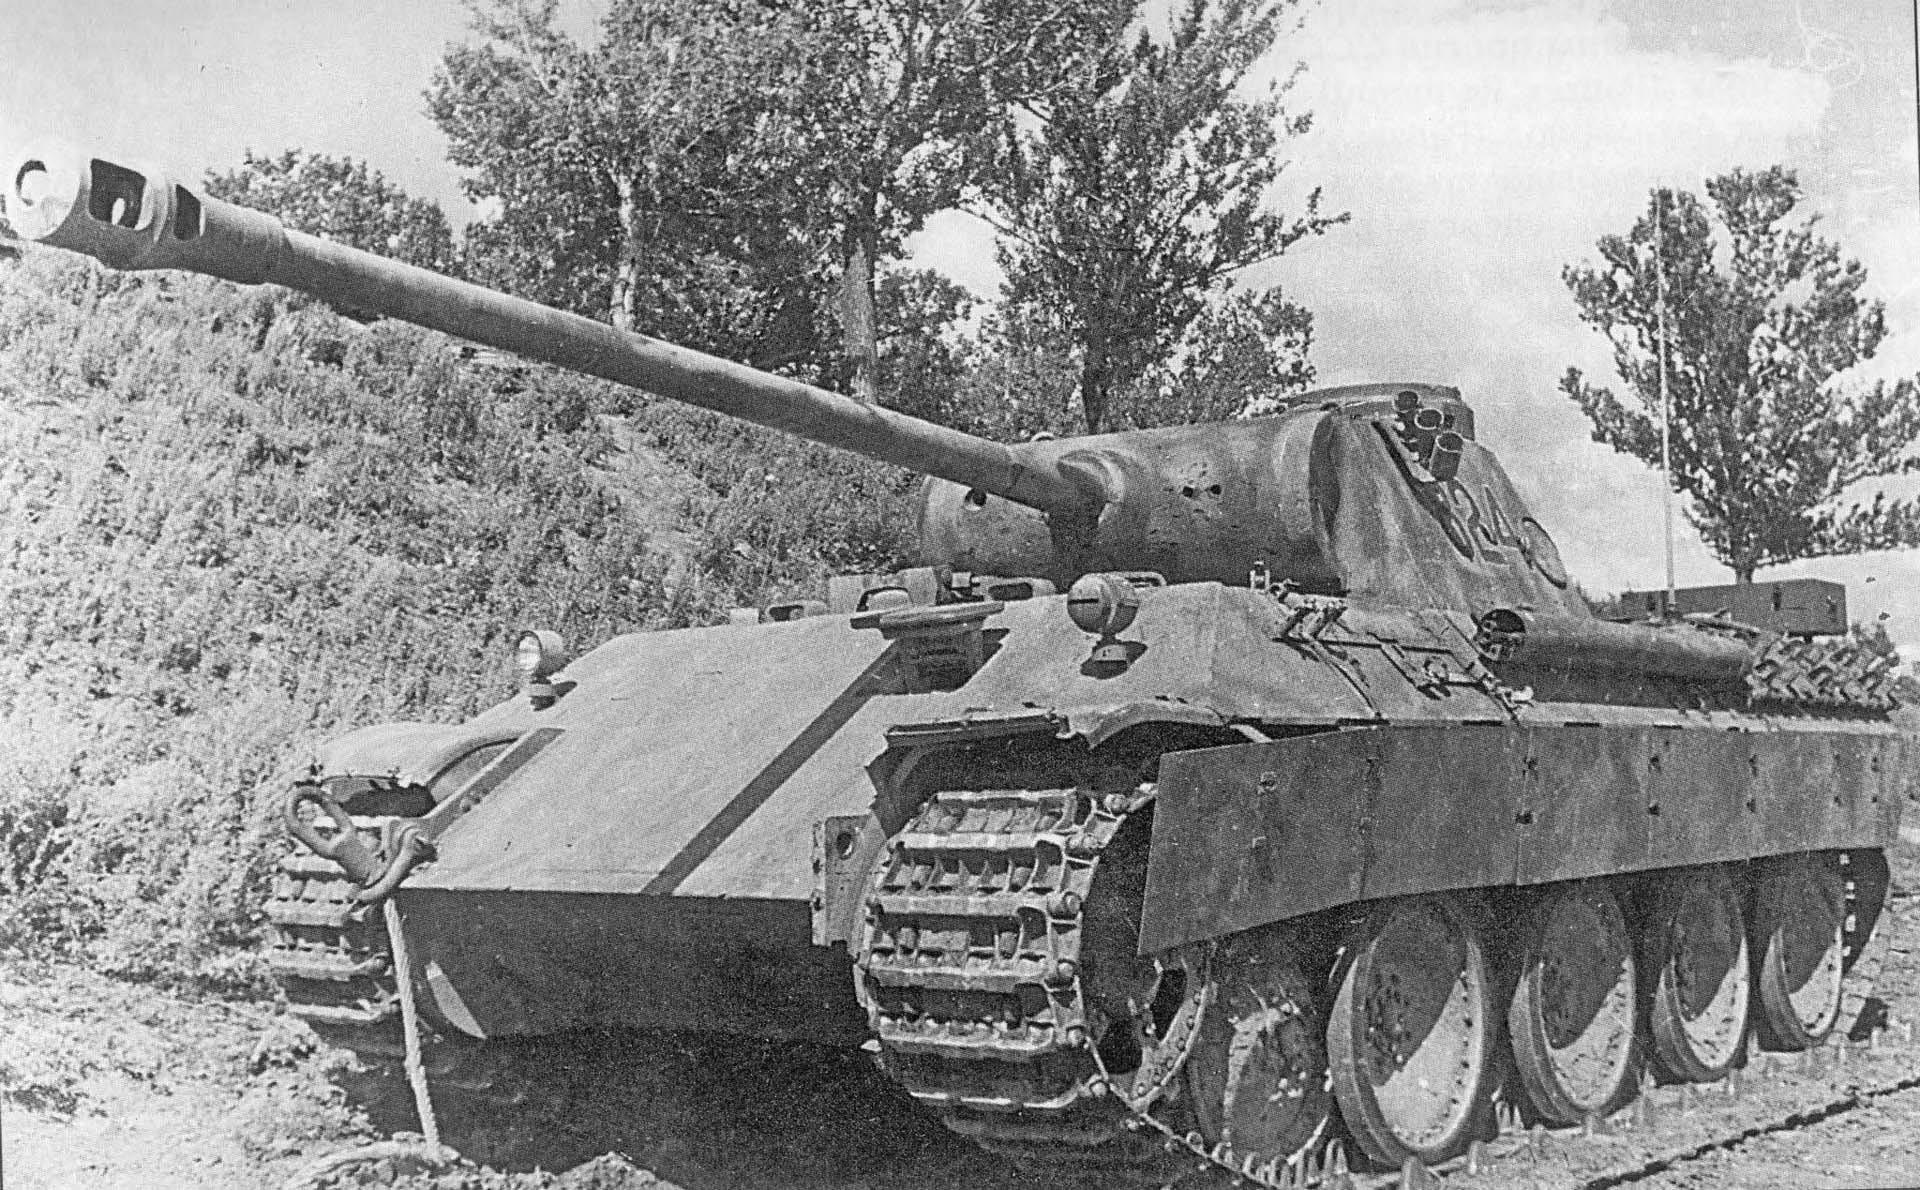 Пантера времен Второй Мировой